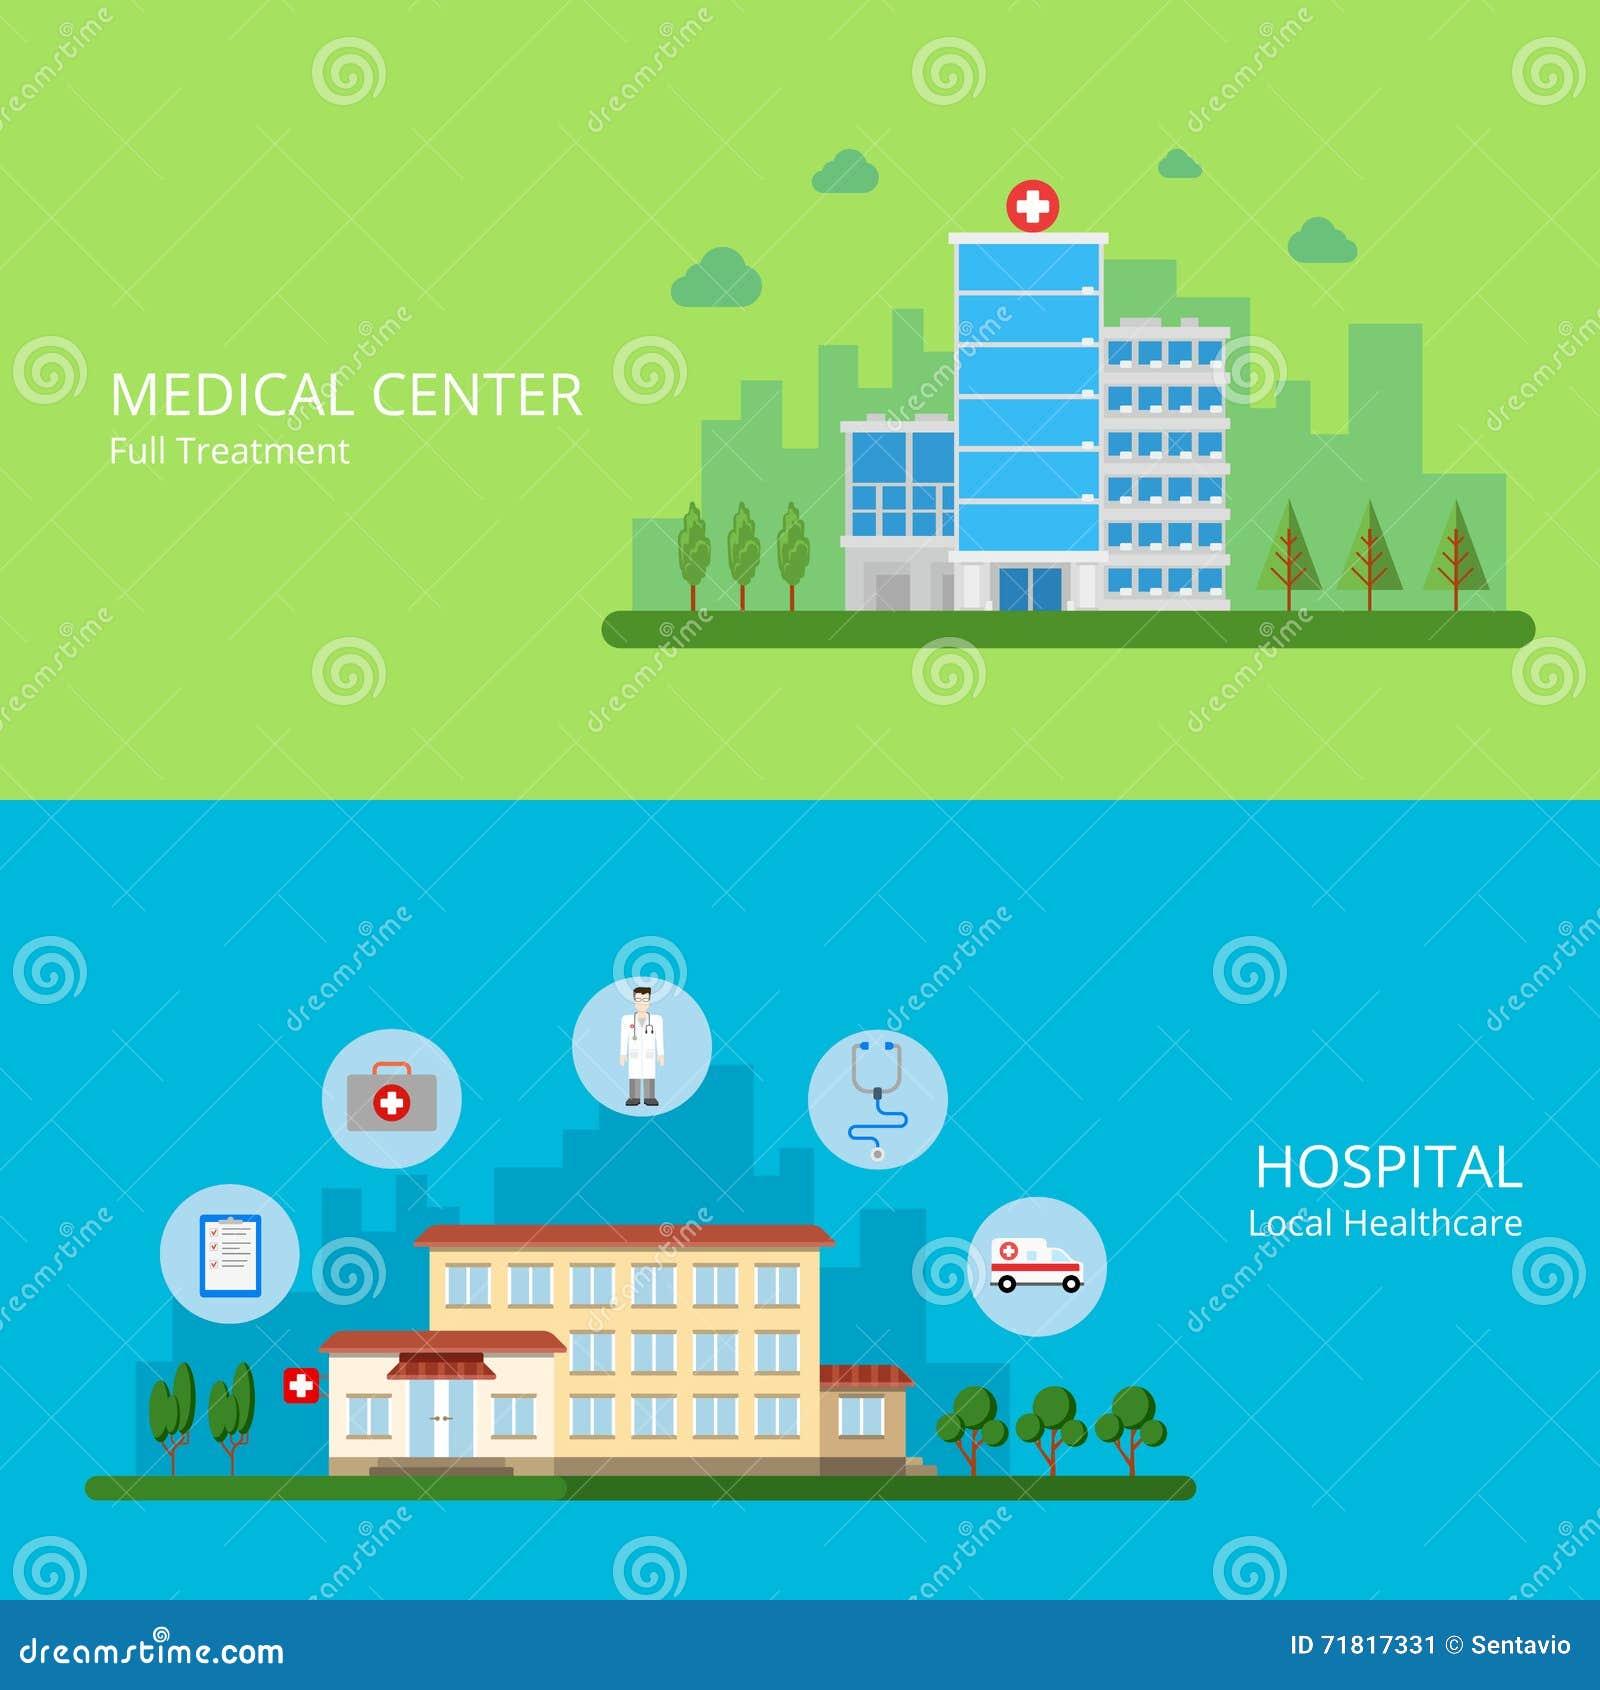 Medical Center Full Treatment Hospital Local Healt Stock